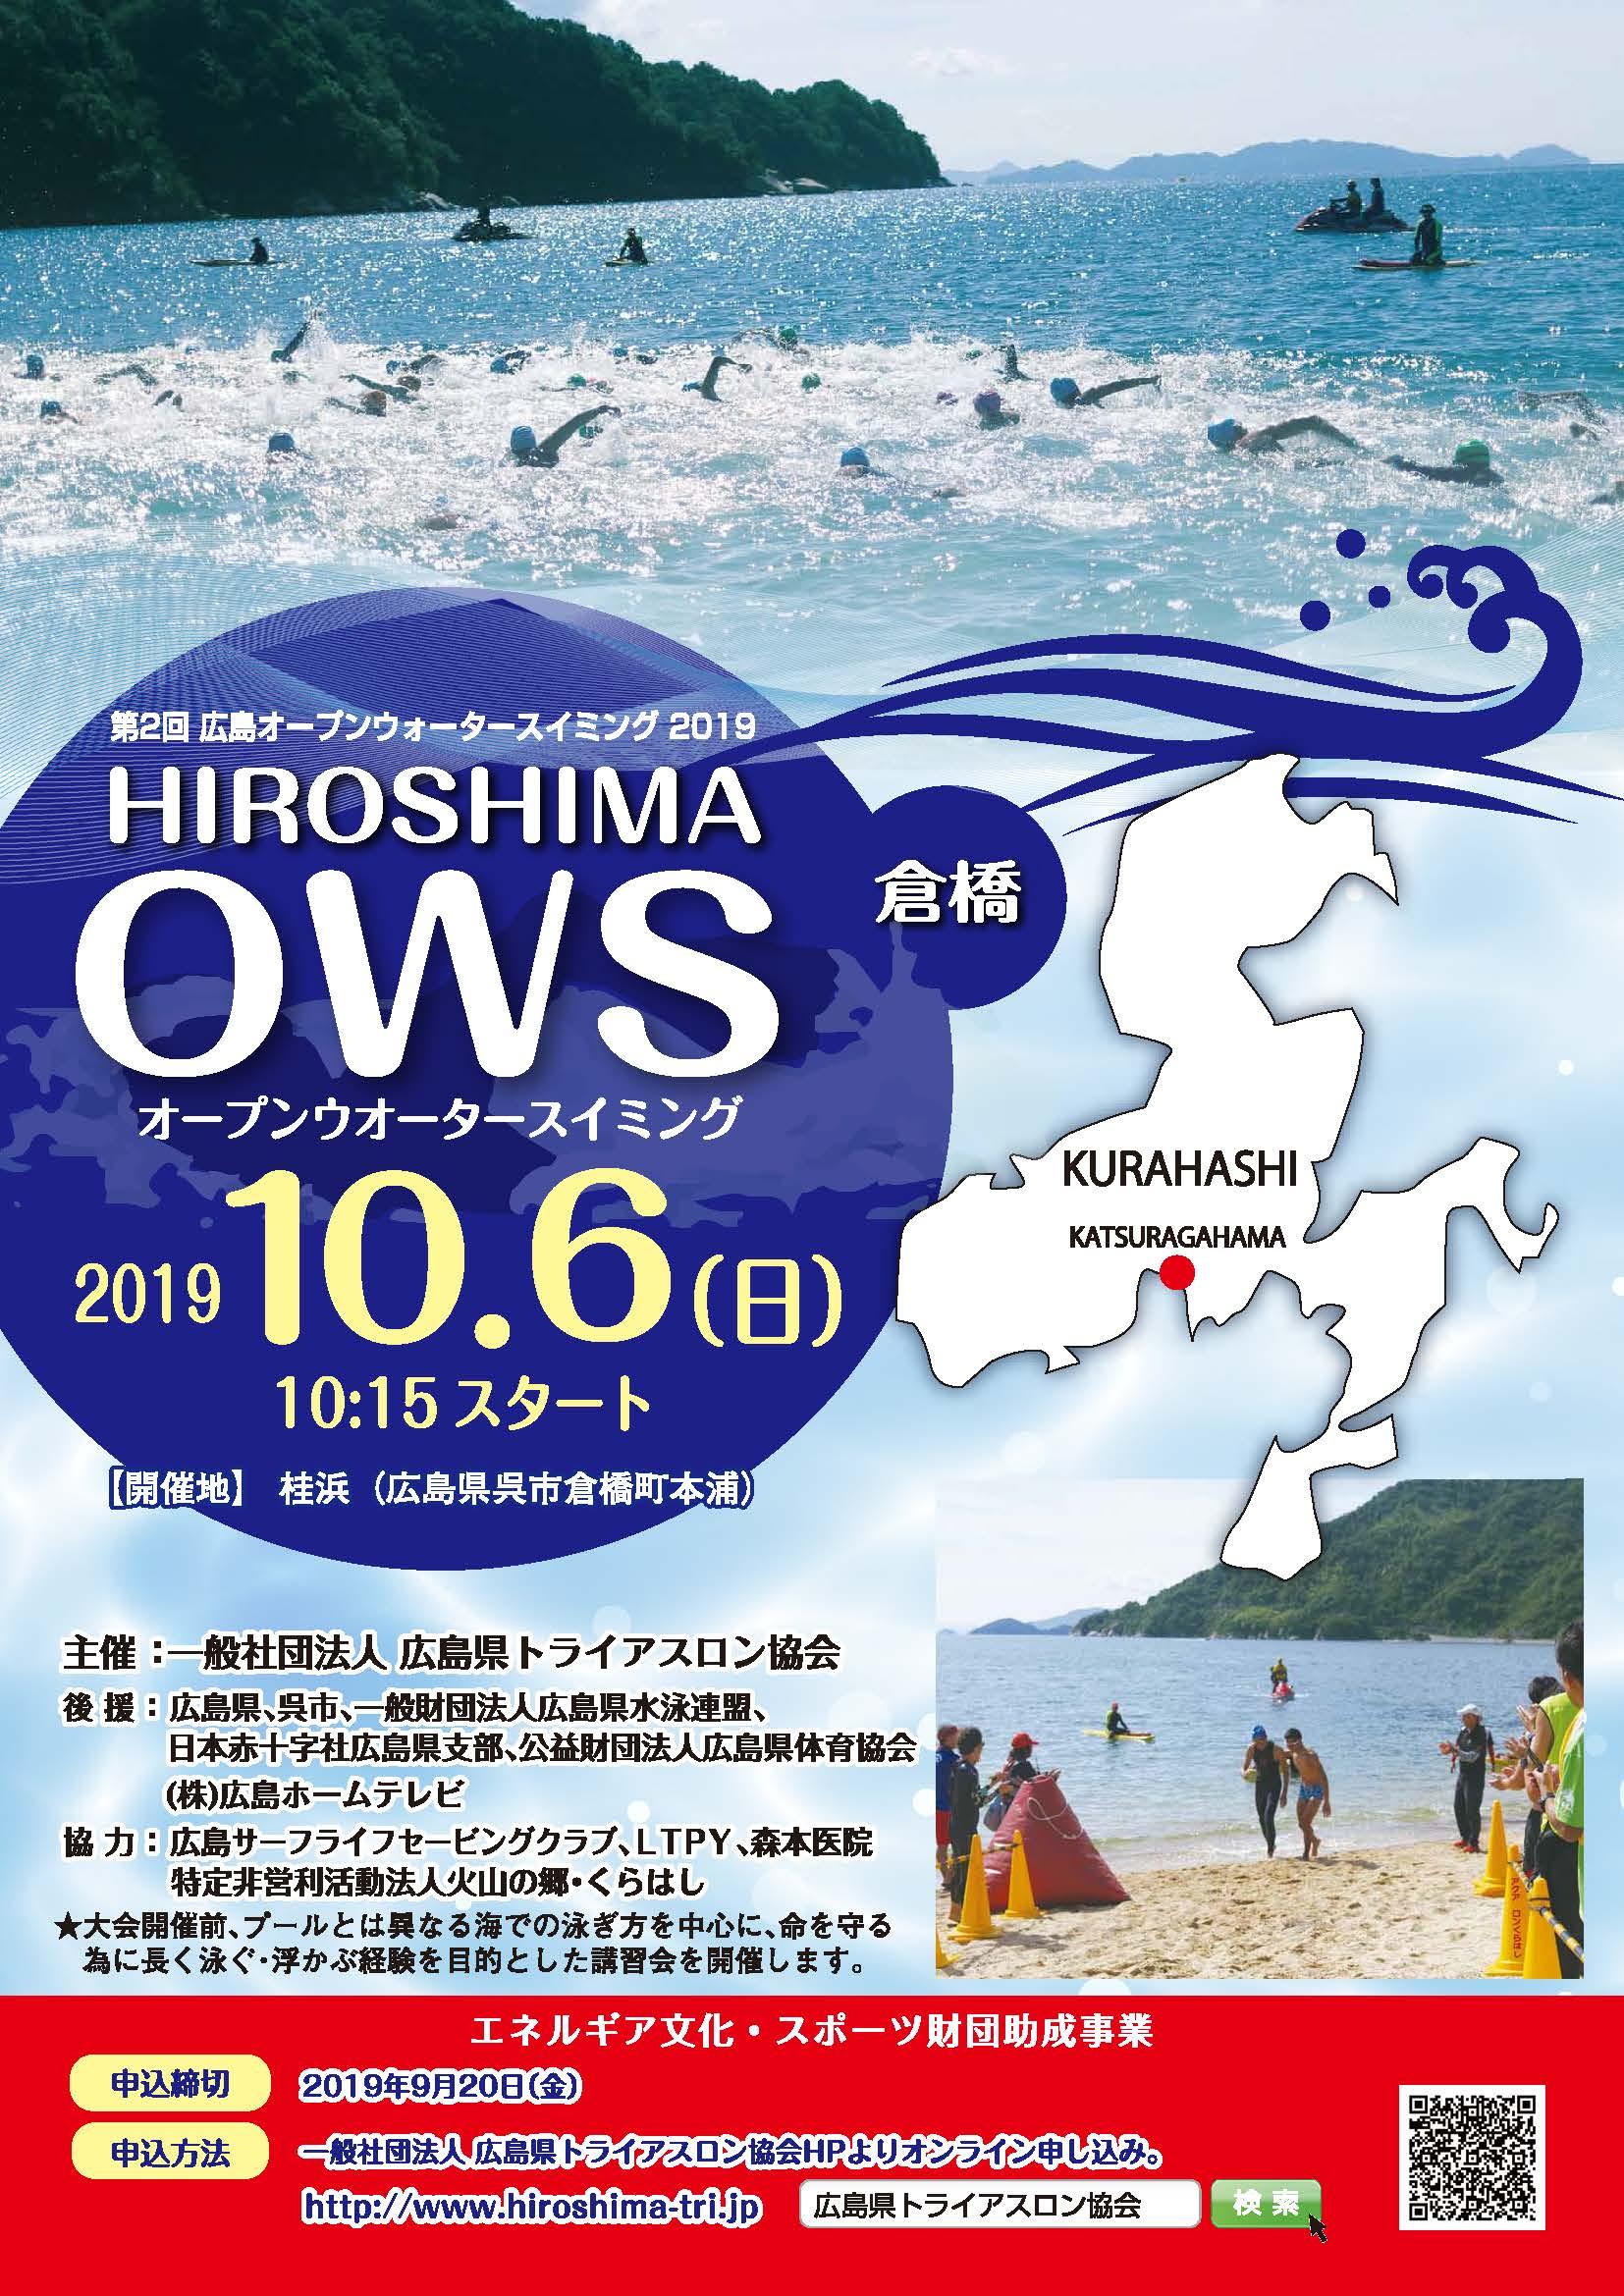 第2回広島オープンウォータースイミング大会概要 1ページ